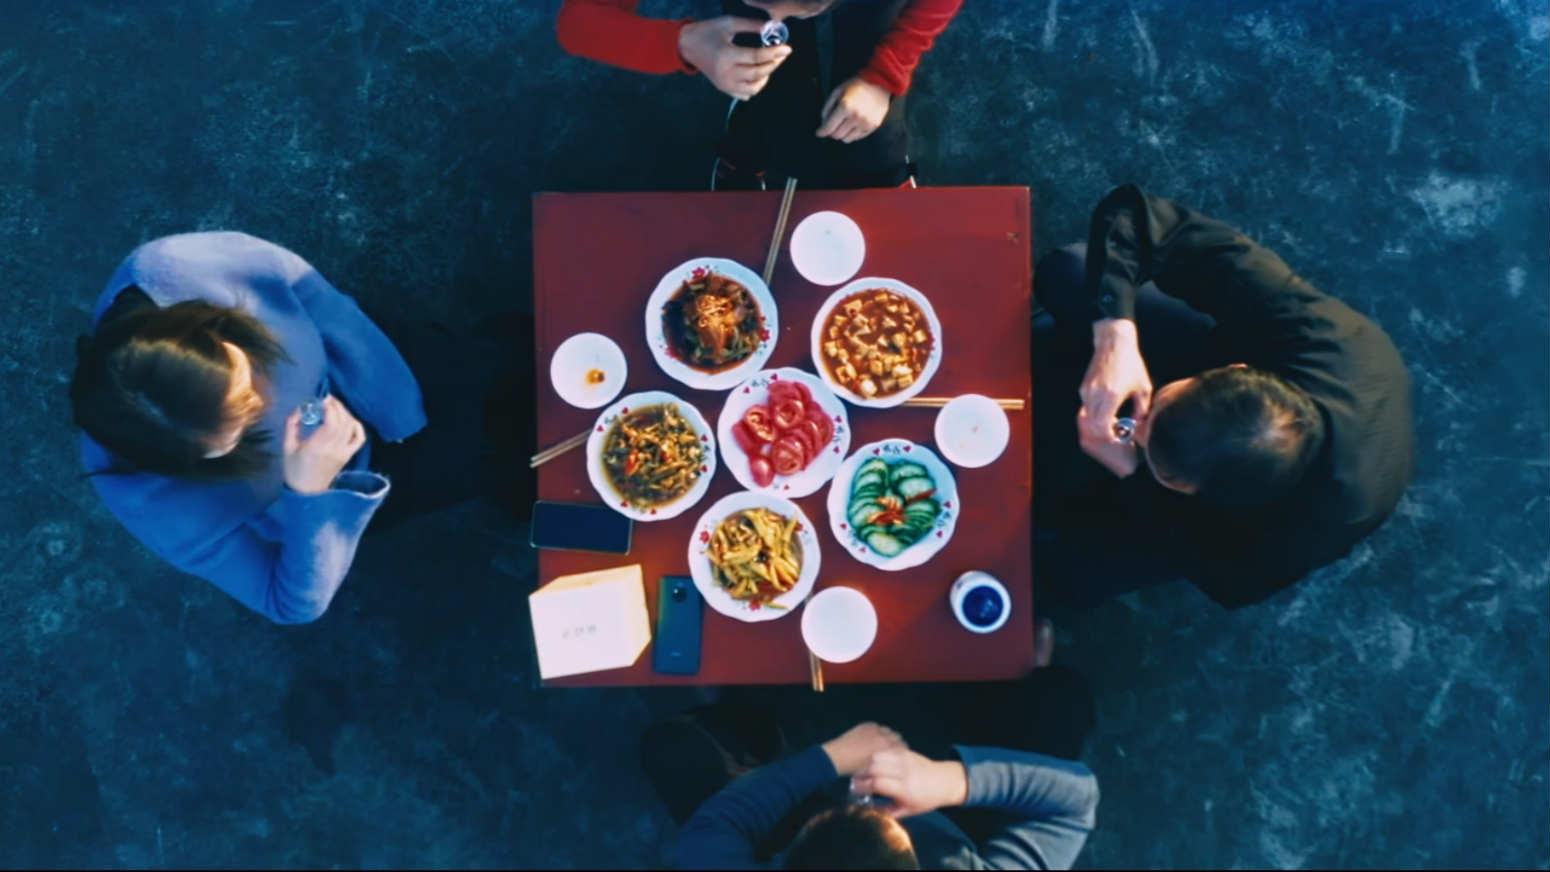 公益微电影《一碗剩饭》